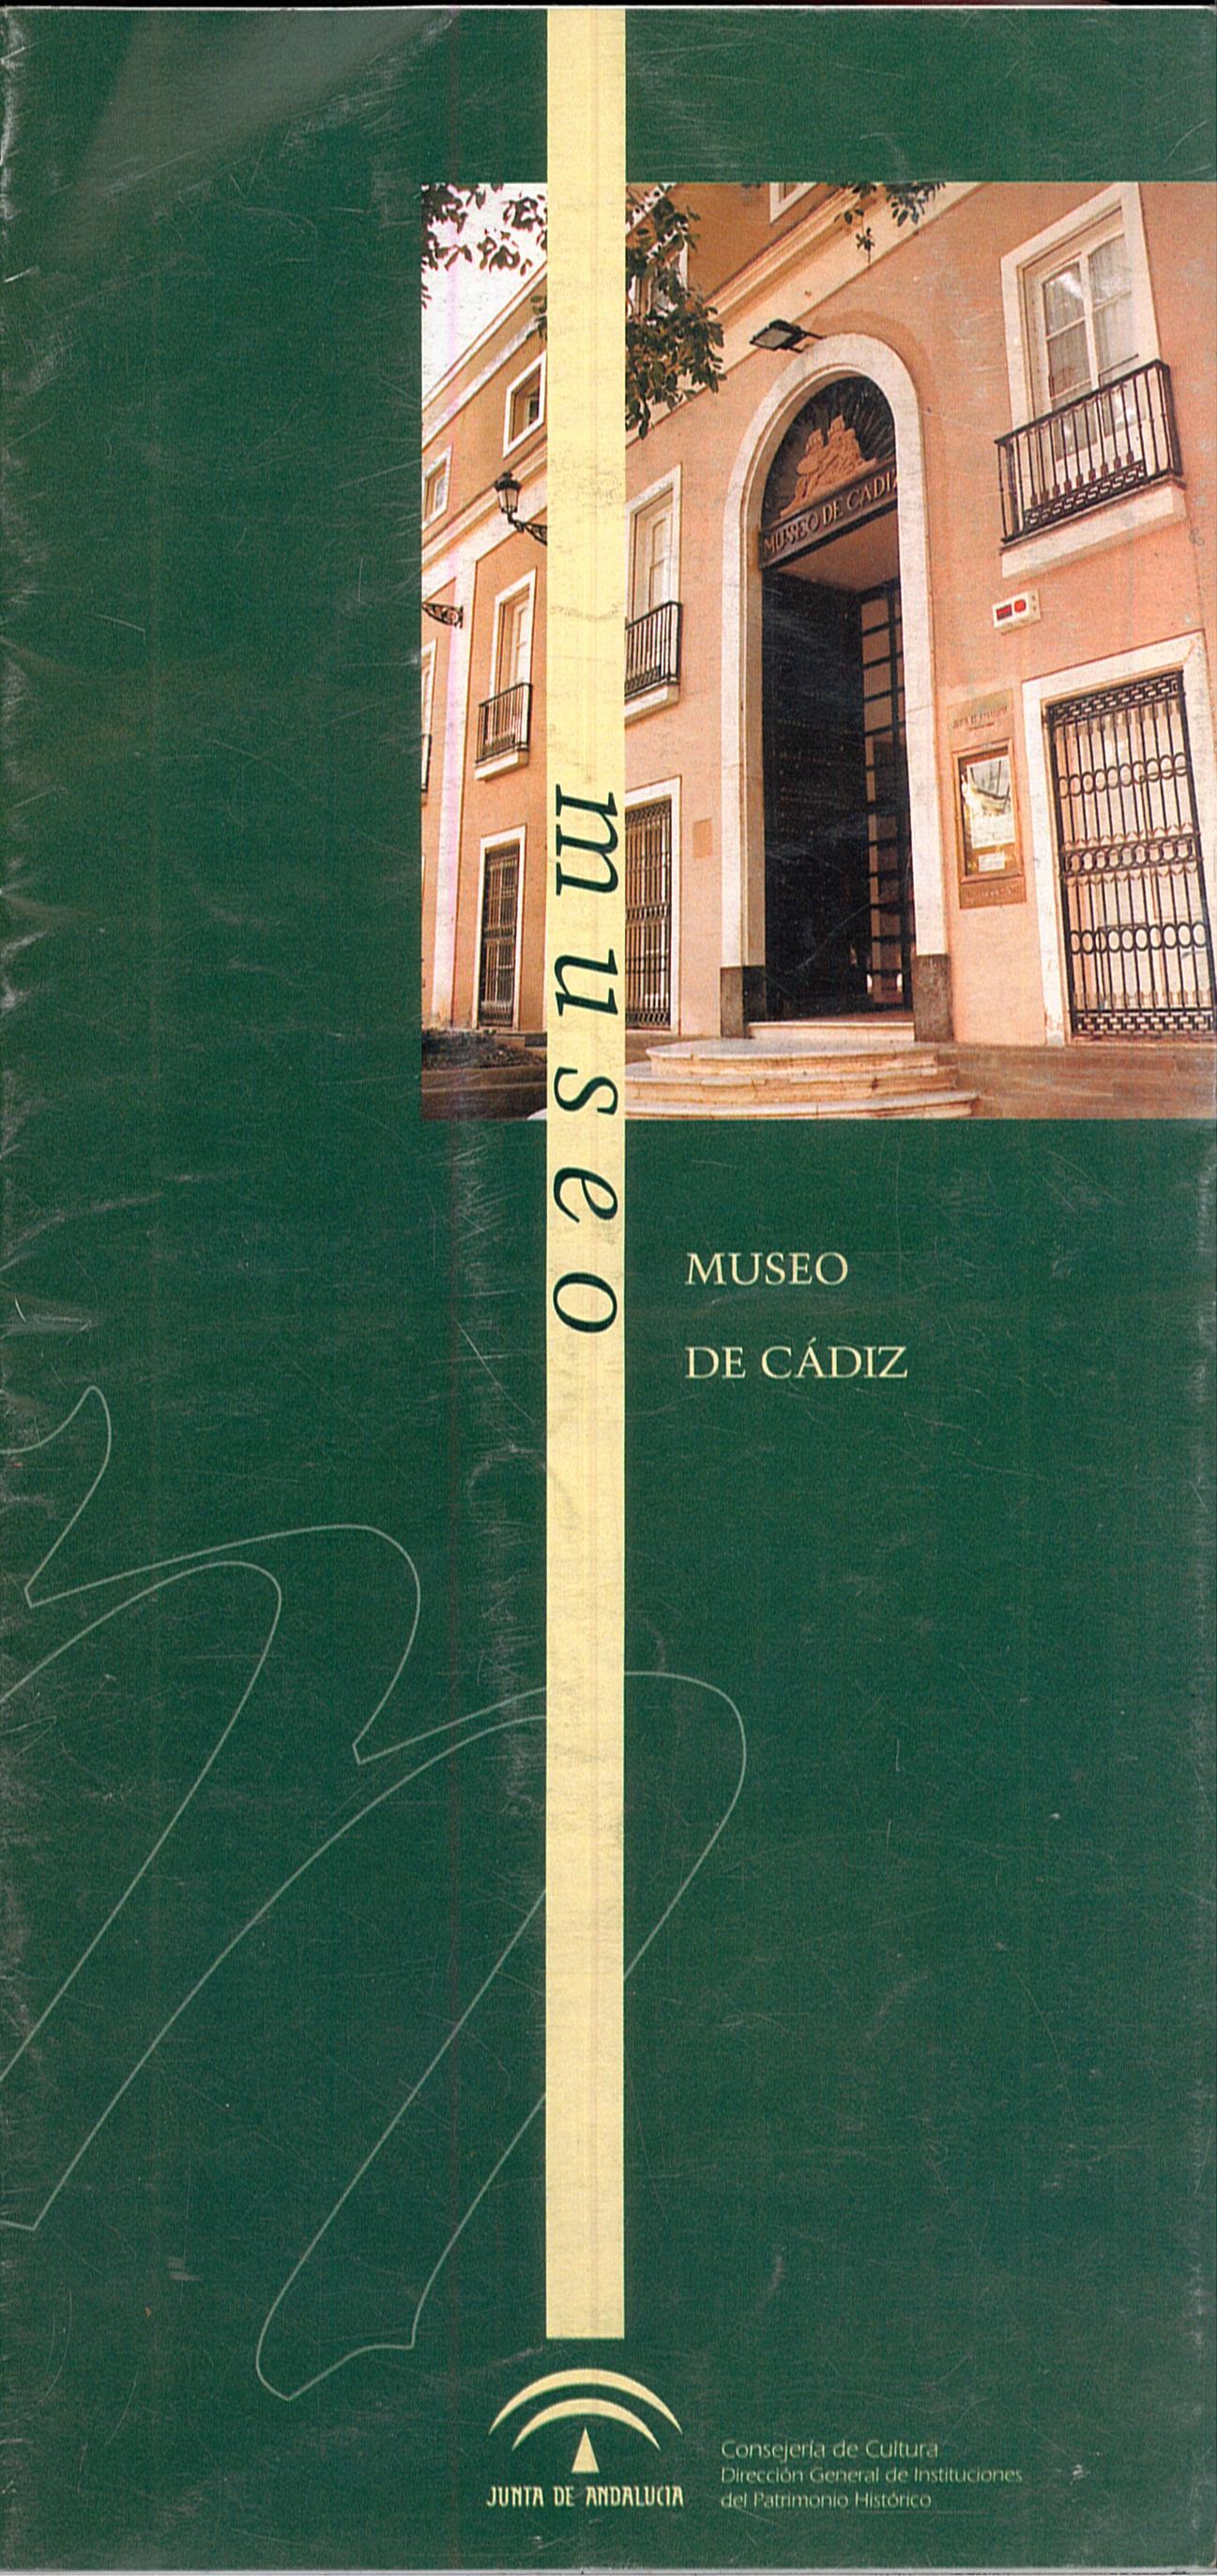 Portada del folleto turístico dedicado al MUSEO DE CÁDIZ.